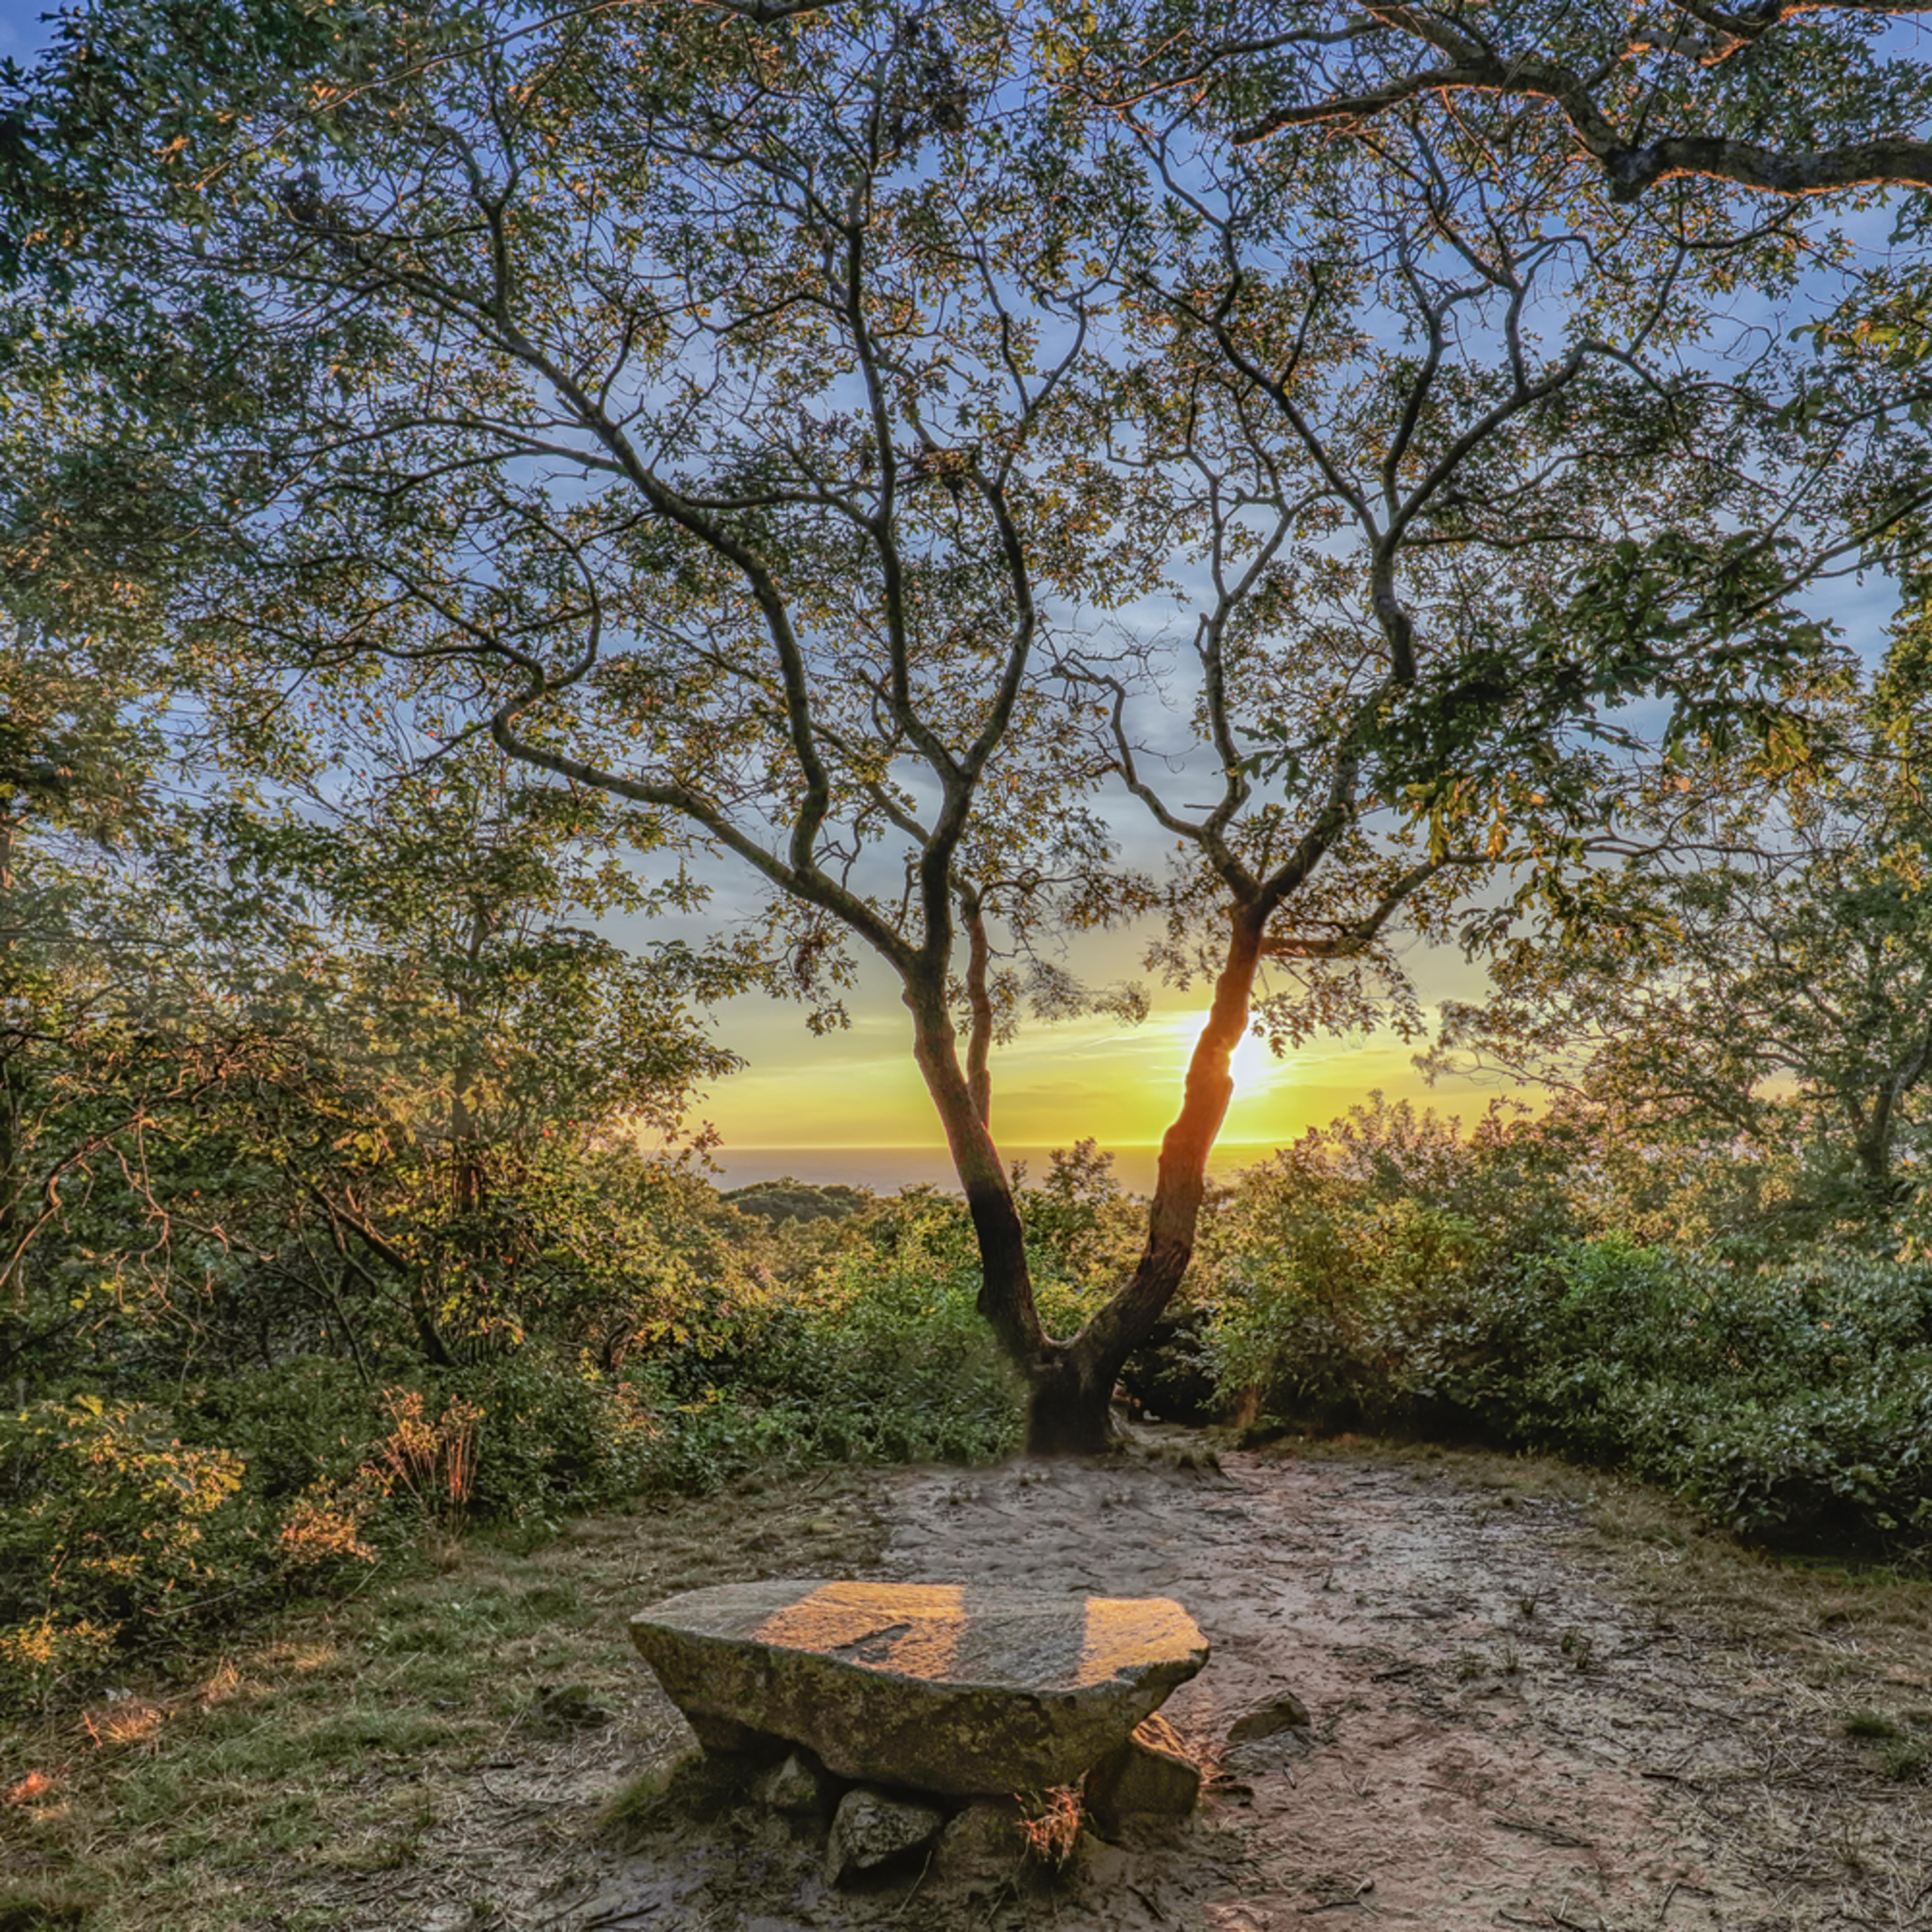 Menemsha hills solitude uxcc0l